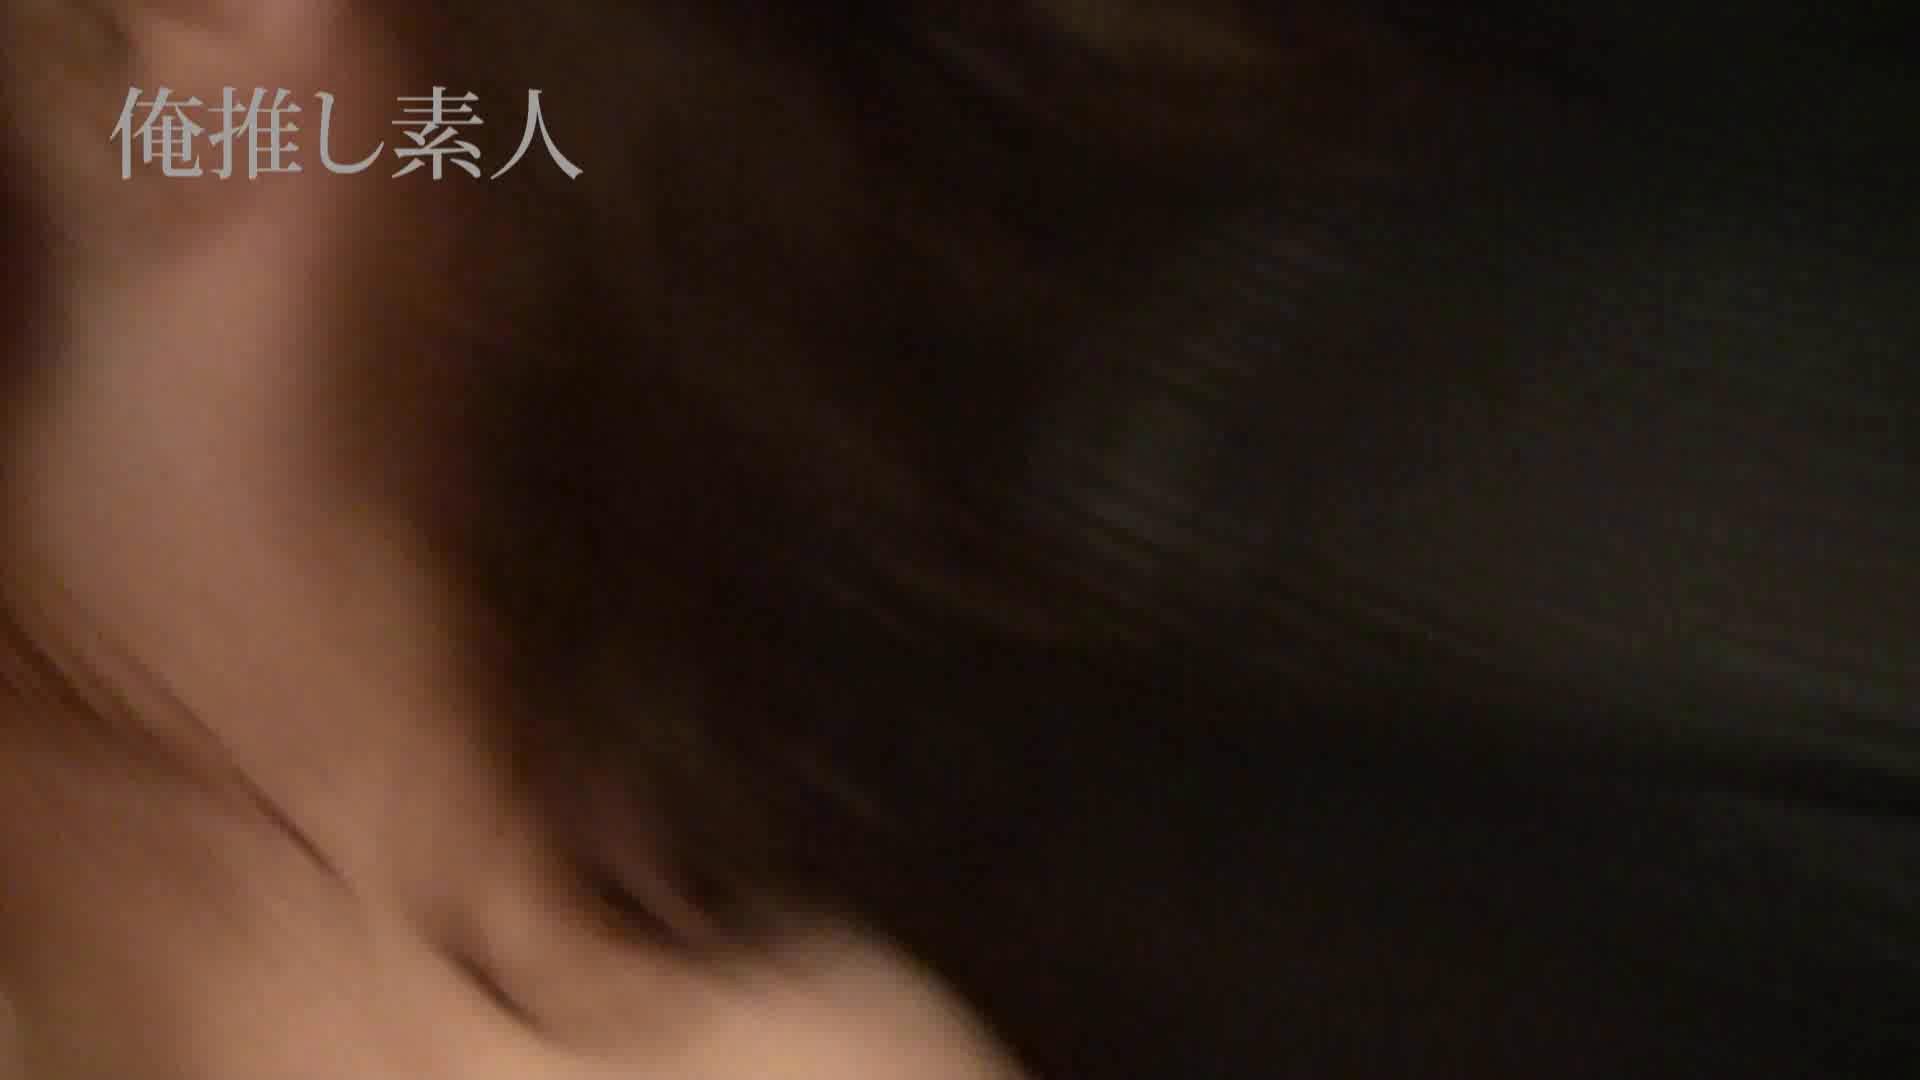 俺推し素人 キャバクラ嬢26歳久美vol4 HなOL   フェラ  104pic 94